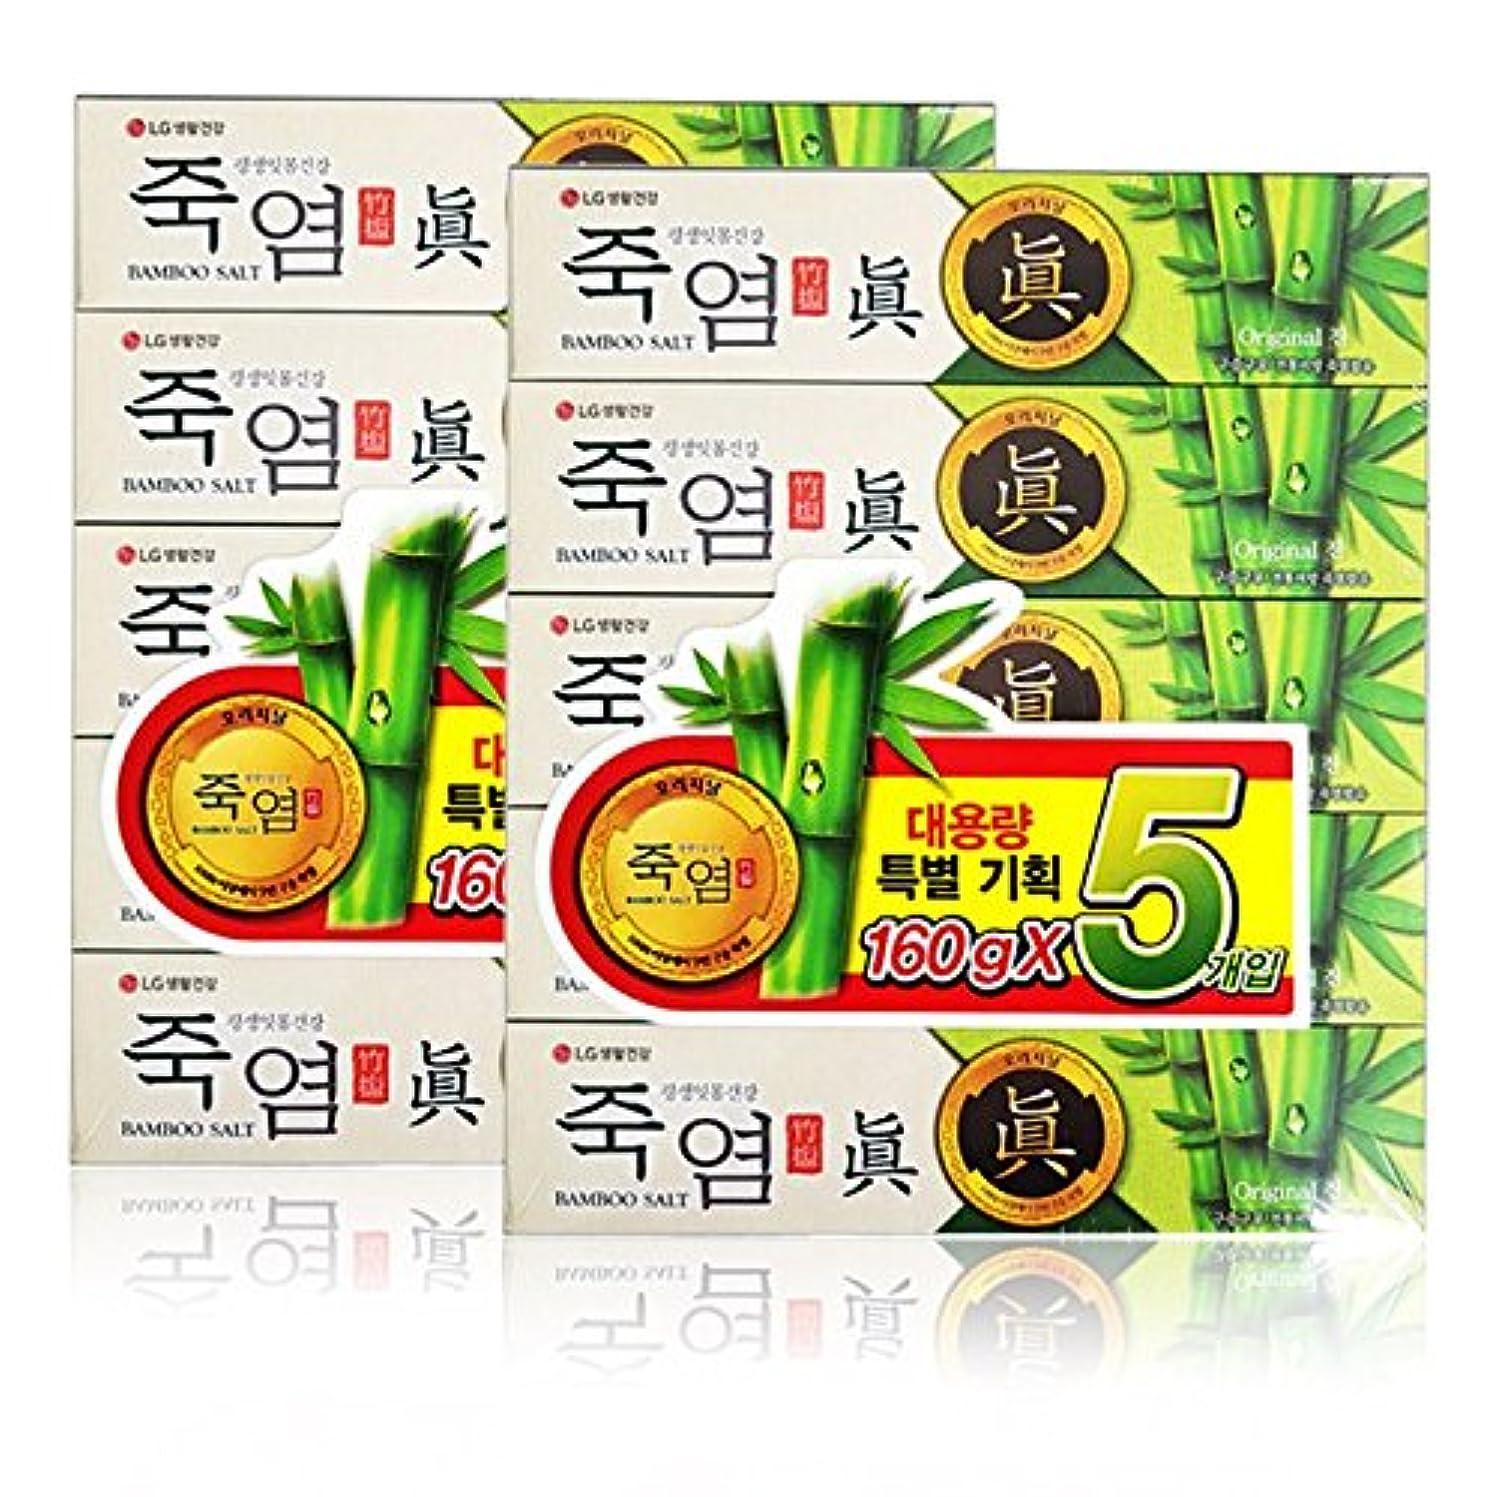 ソブリケットバイアス想起[LG電子の生活と健康] LG 竹塩オリジナル歯磨き粉160g*10つの(海外直送品)